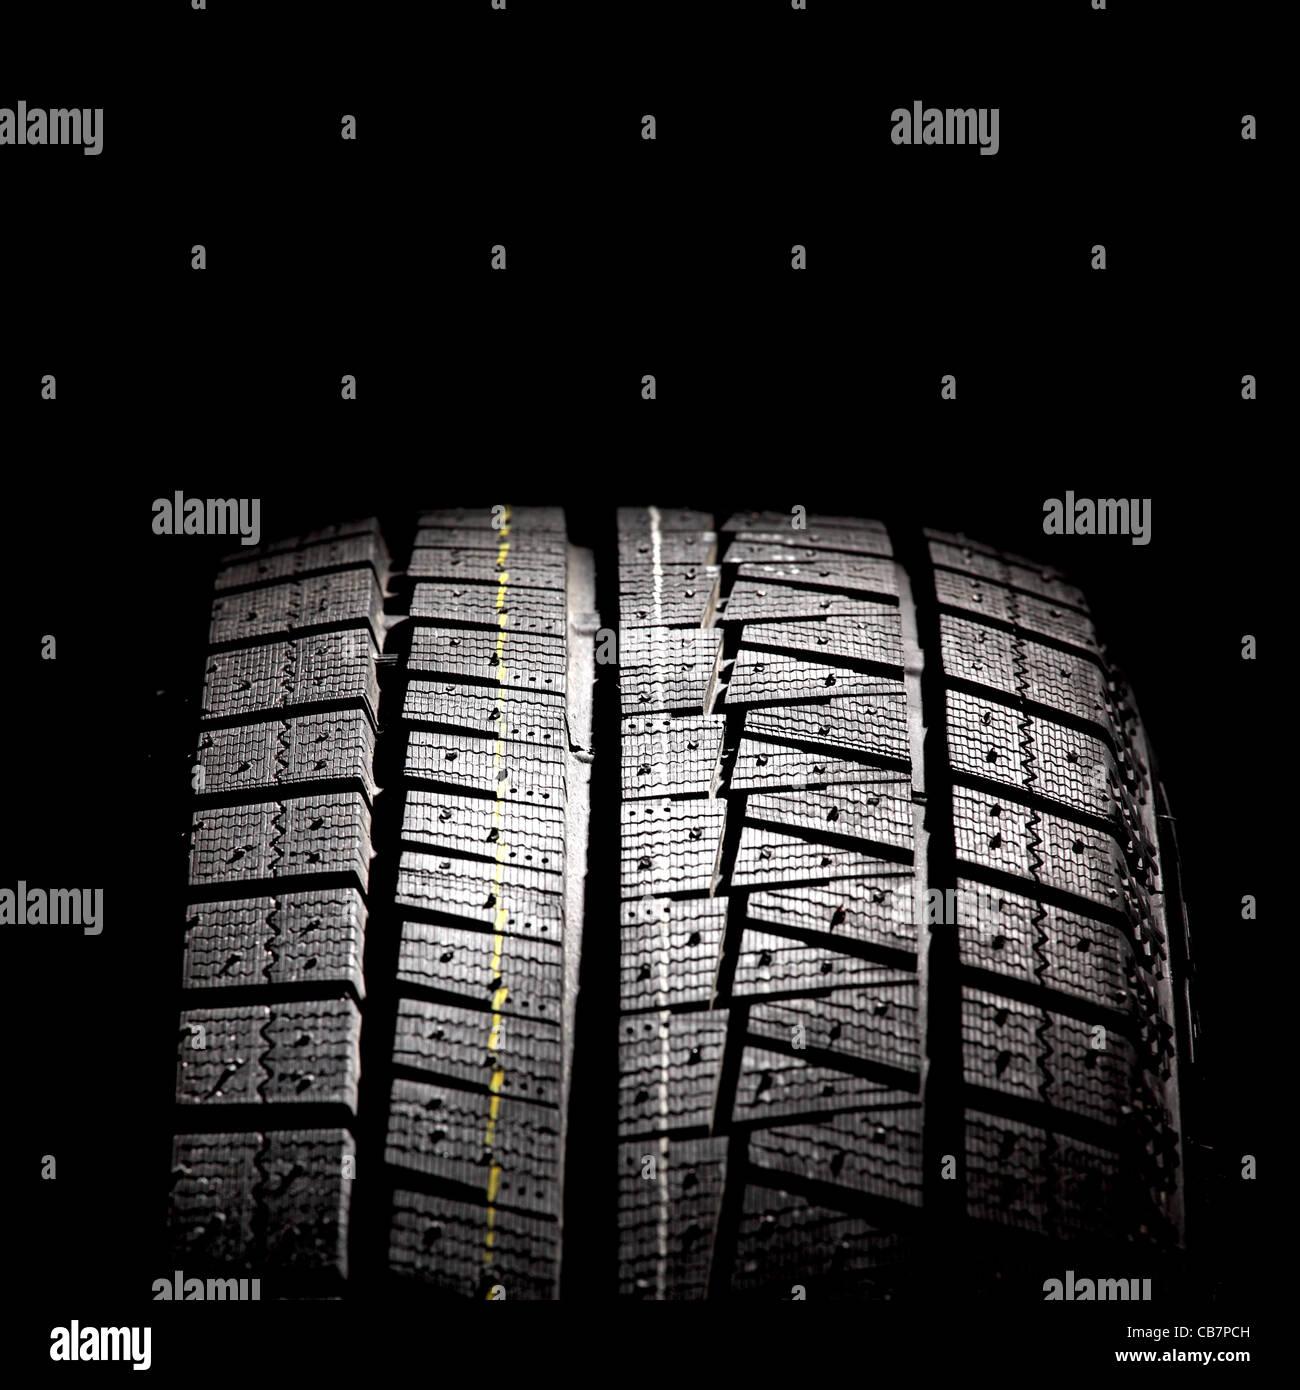 Parte del nuevo neumático de coche aislado sobre un fondo negro. Formato cuadrado. Foto de stock